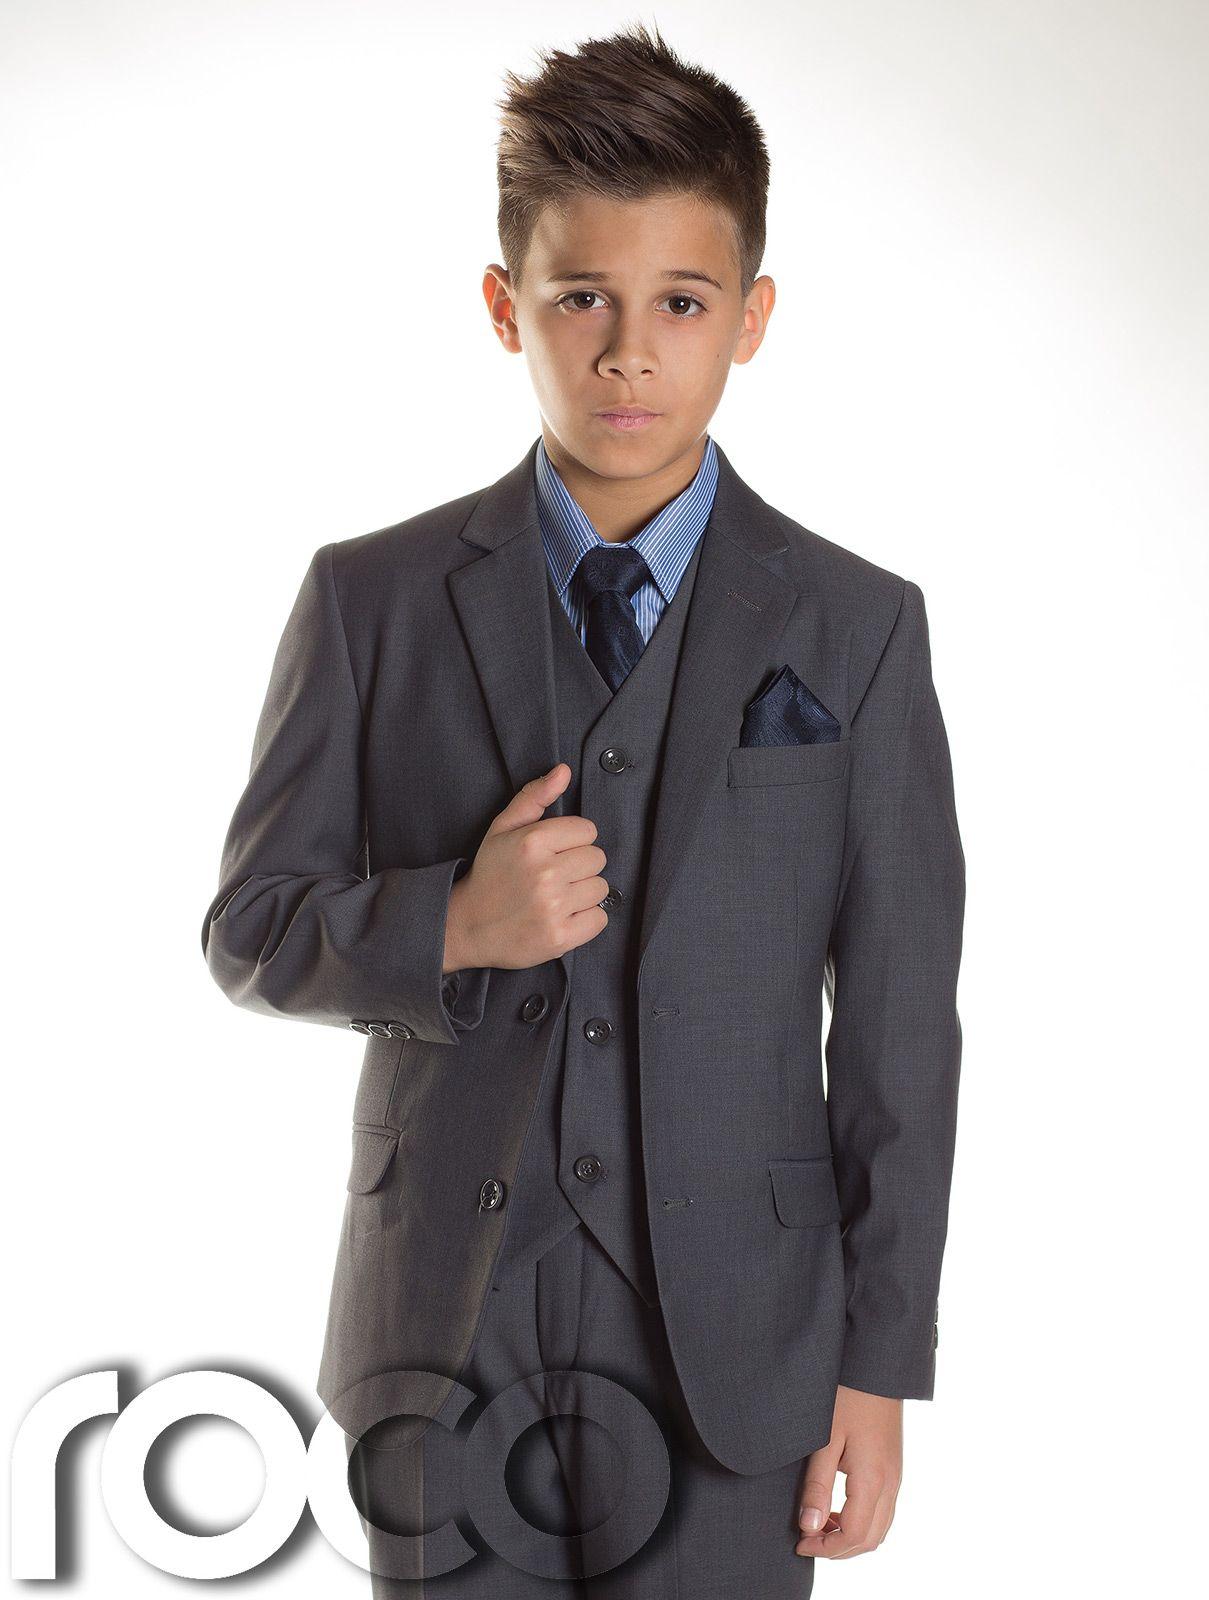 99f0d6ea5dafb traje para asistir a boda | Traje de Boda para niño de 10 años ...